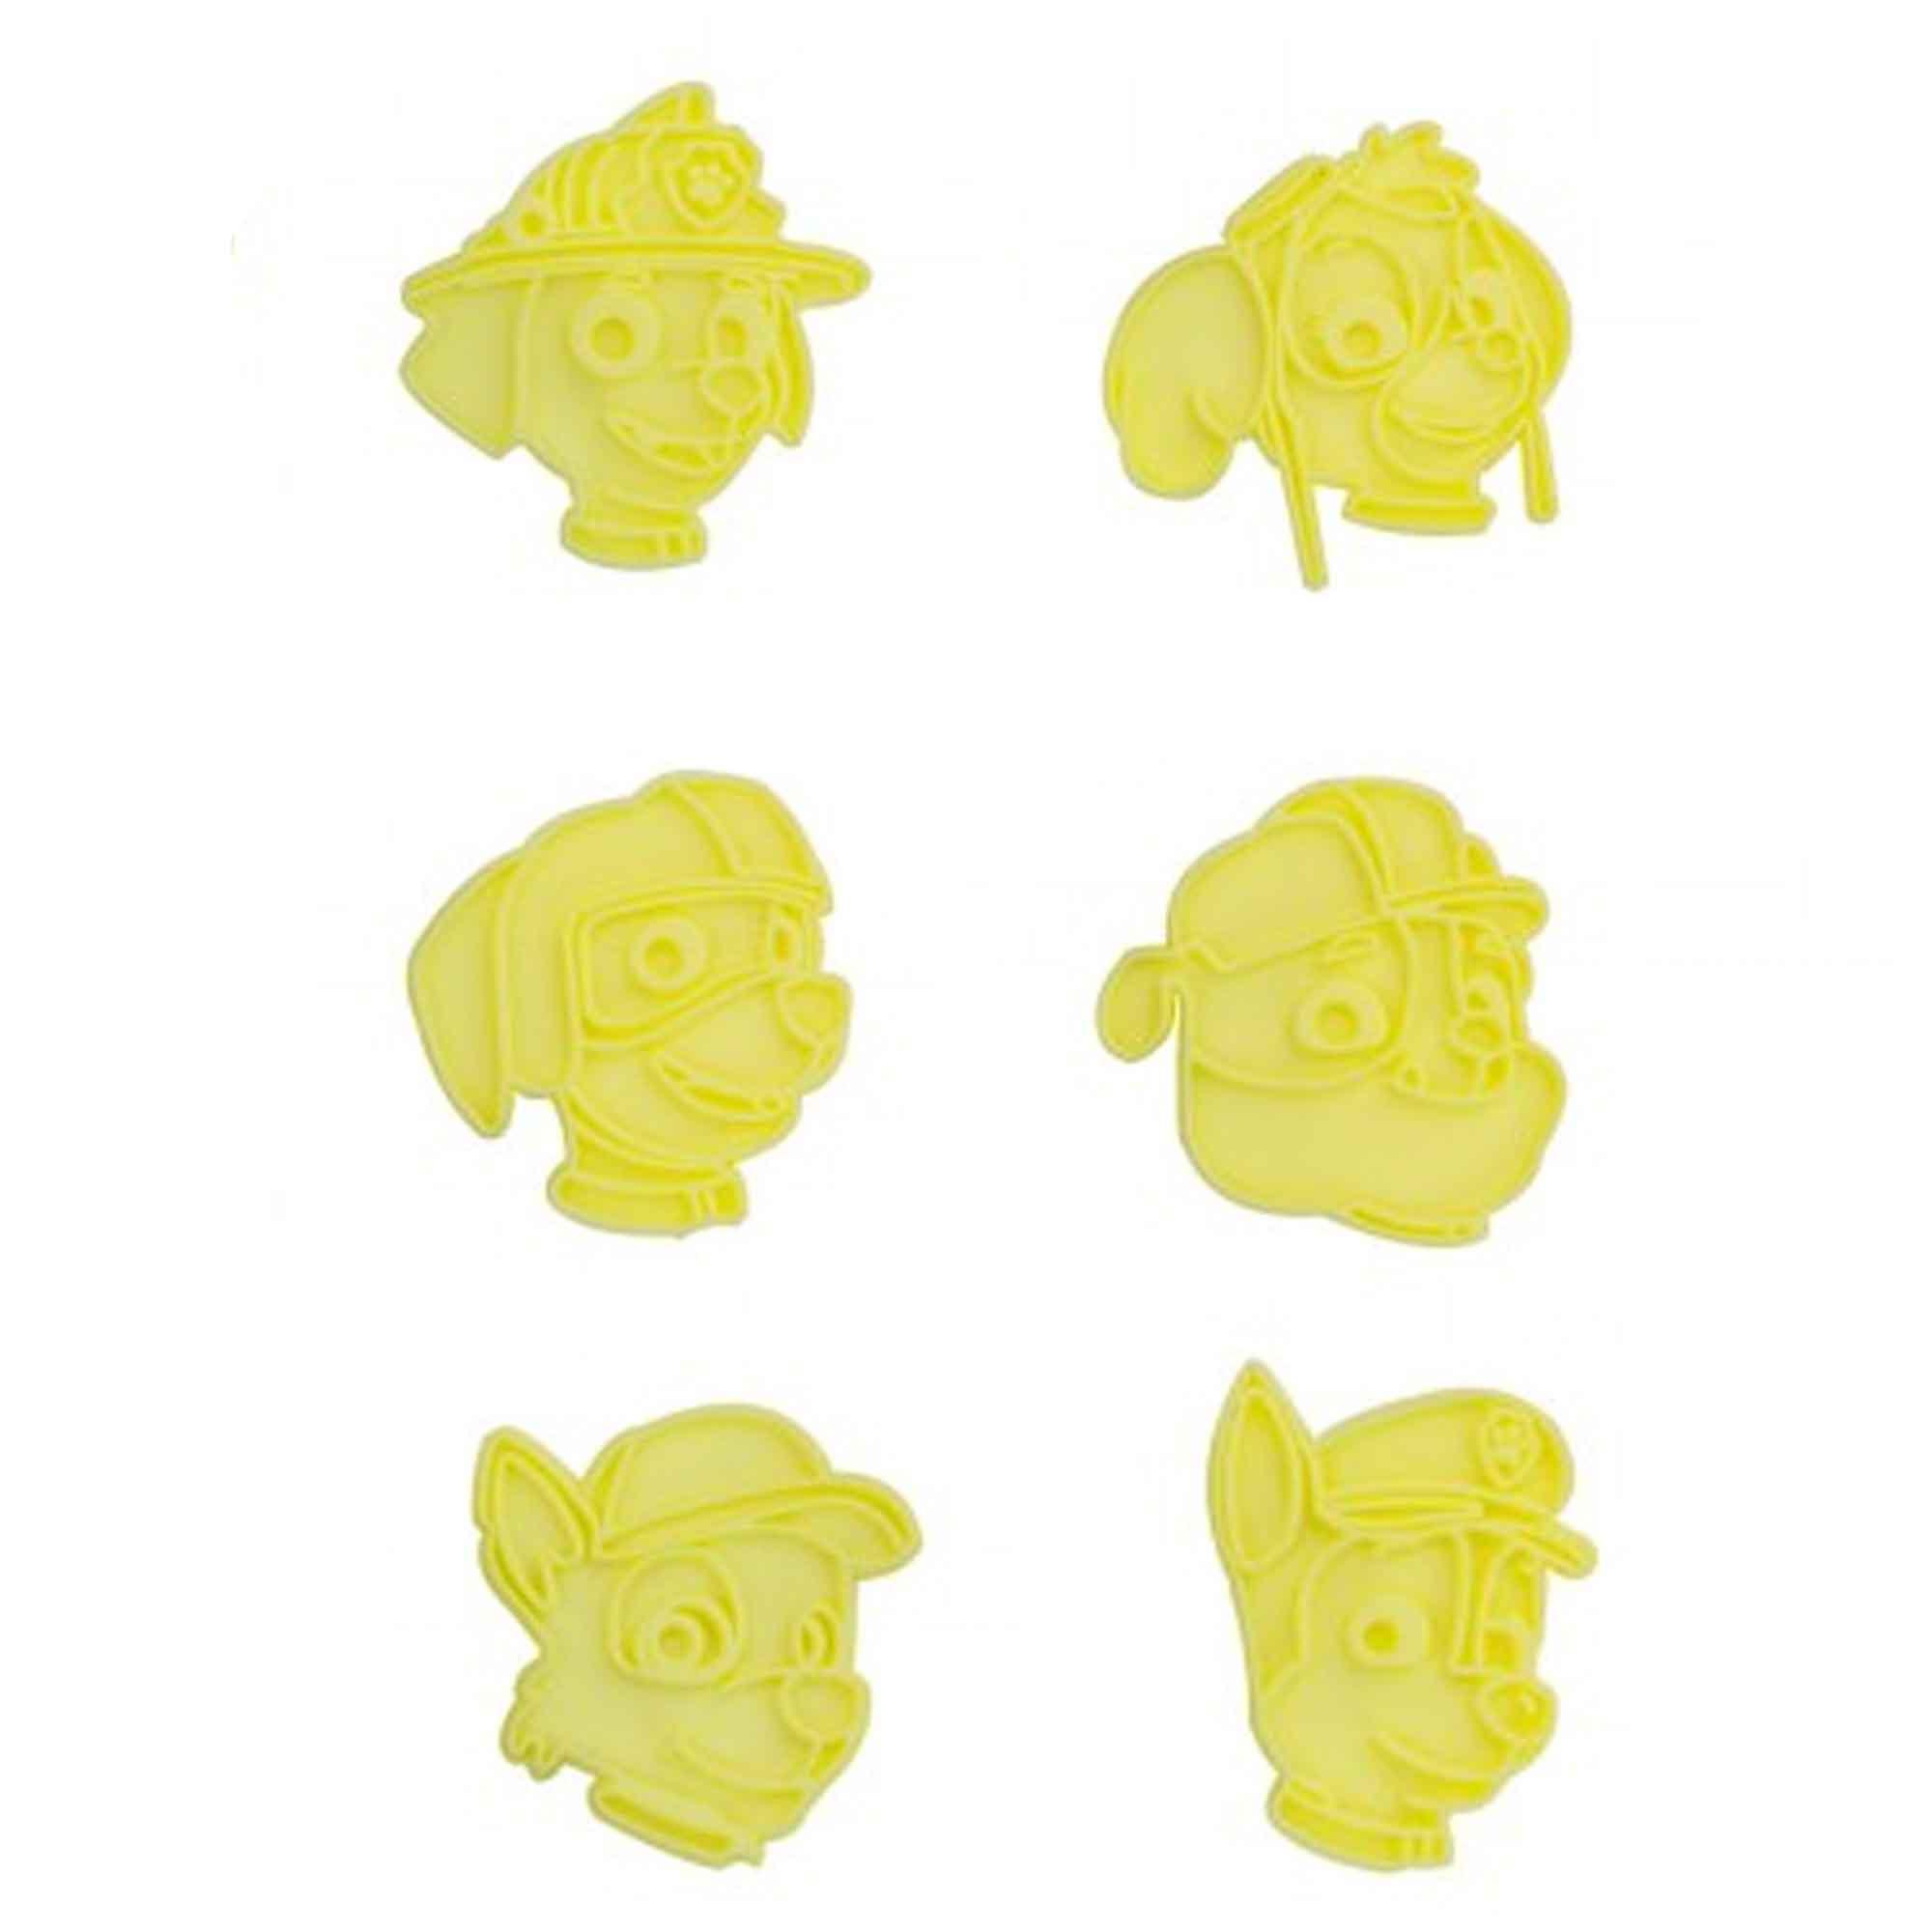 Cortador Biscuit Kit Cachorrinhos